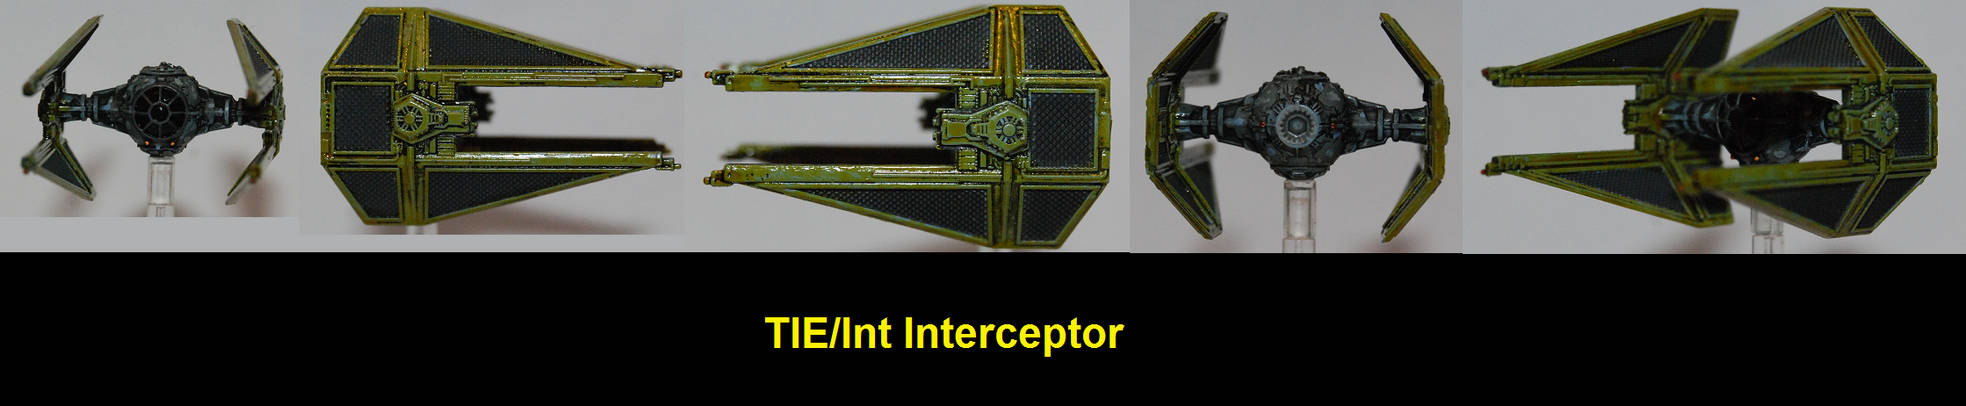 TIE/Int Interceptor